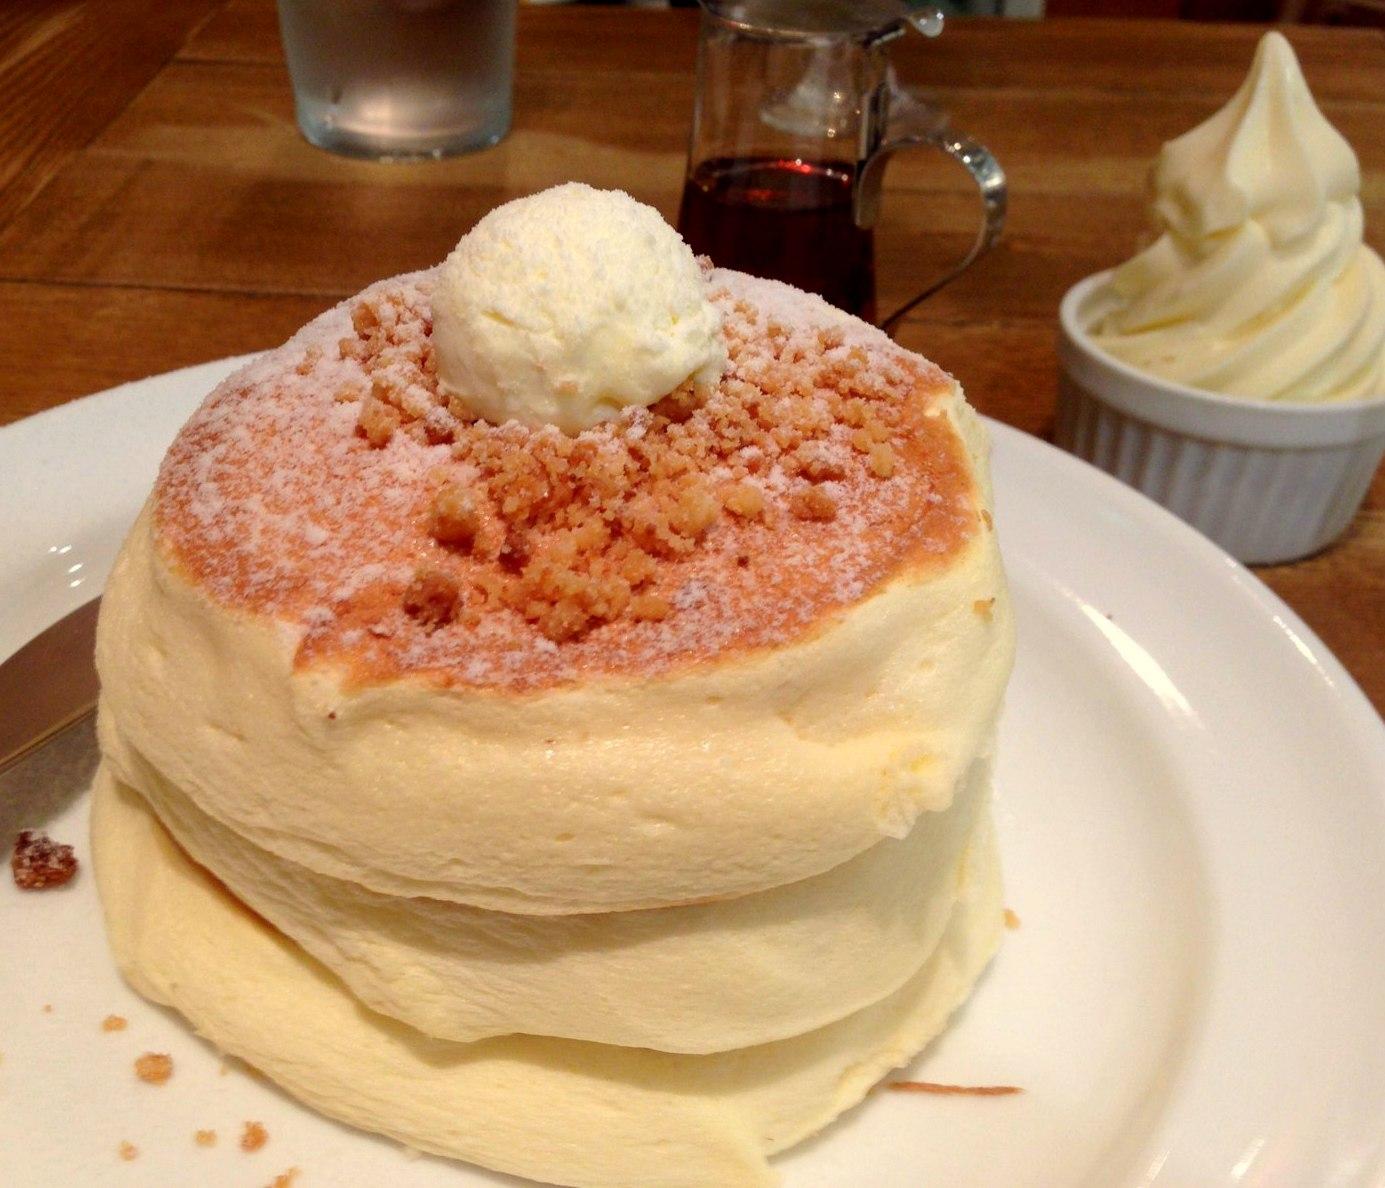 横浜のパンケーキのおすすめは?人気のお店をランキングで紹介!